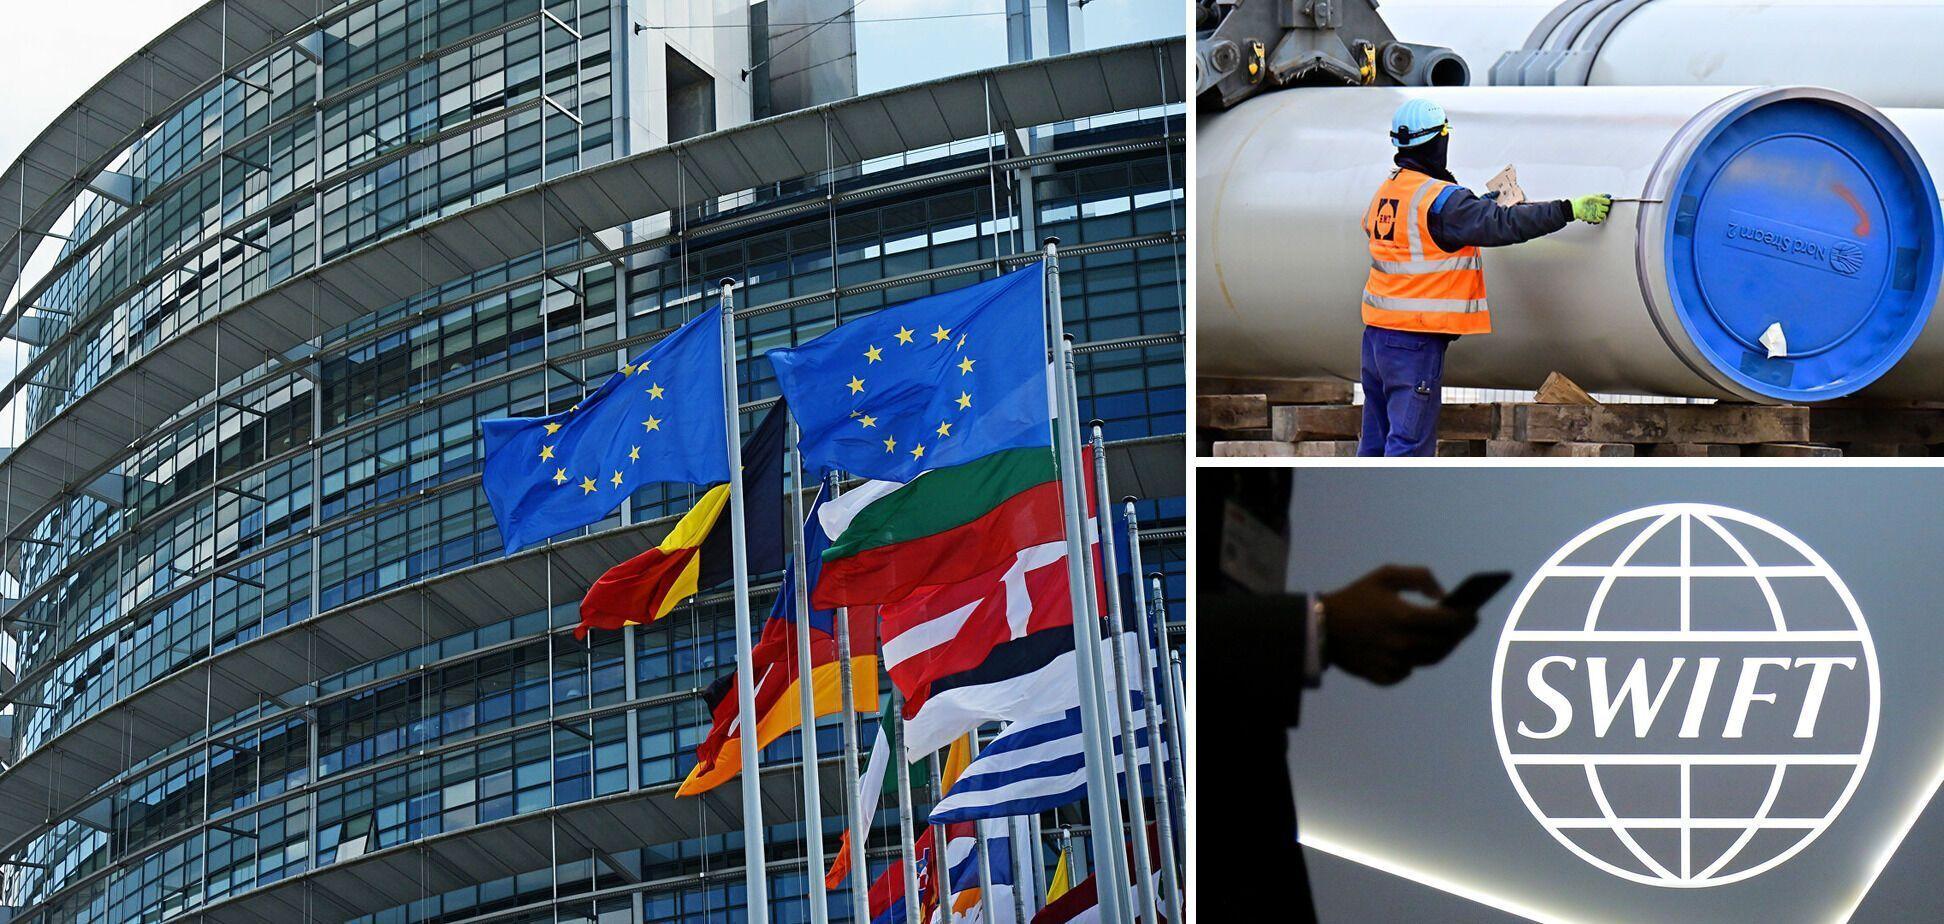 У ЄП підготували резолюцію через російську агресію в Україні